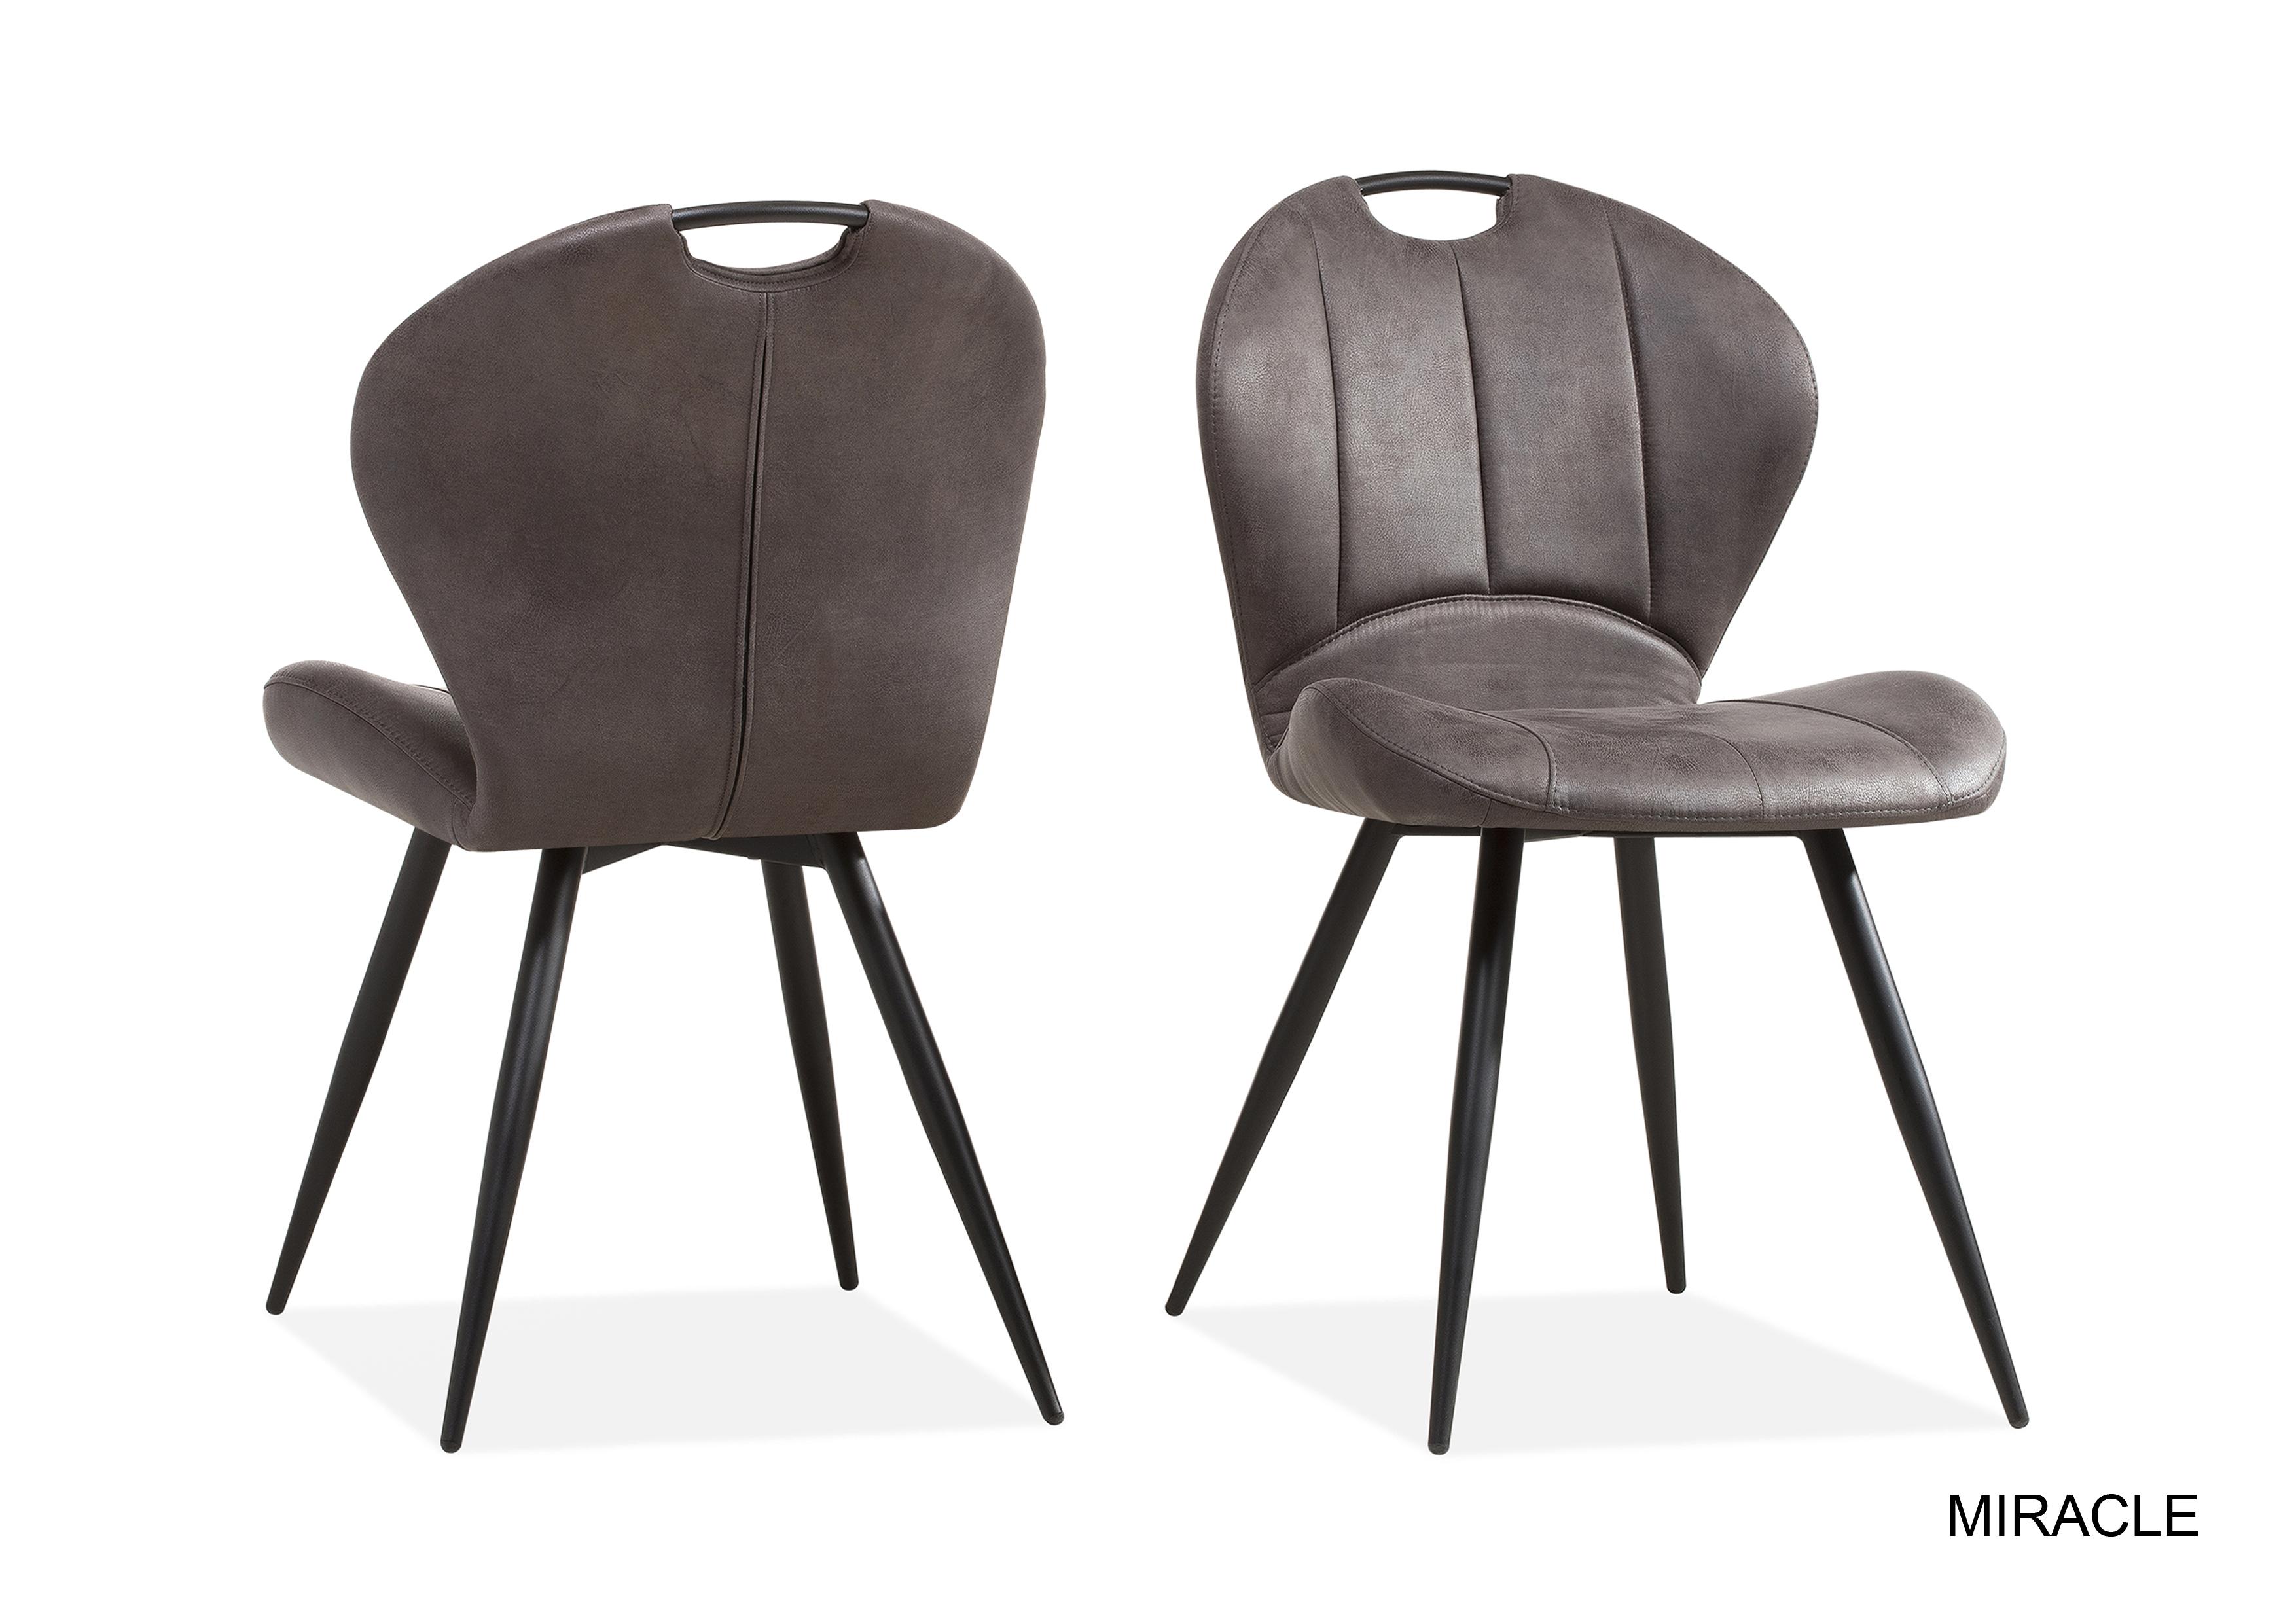 Miracle of chaises de salle manger table et chaises for Prix des chaises